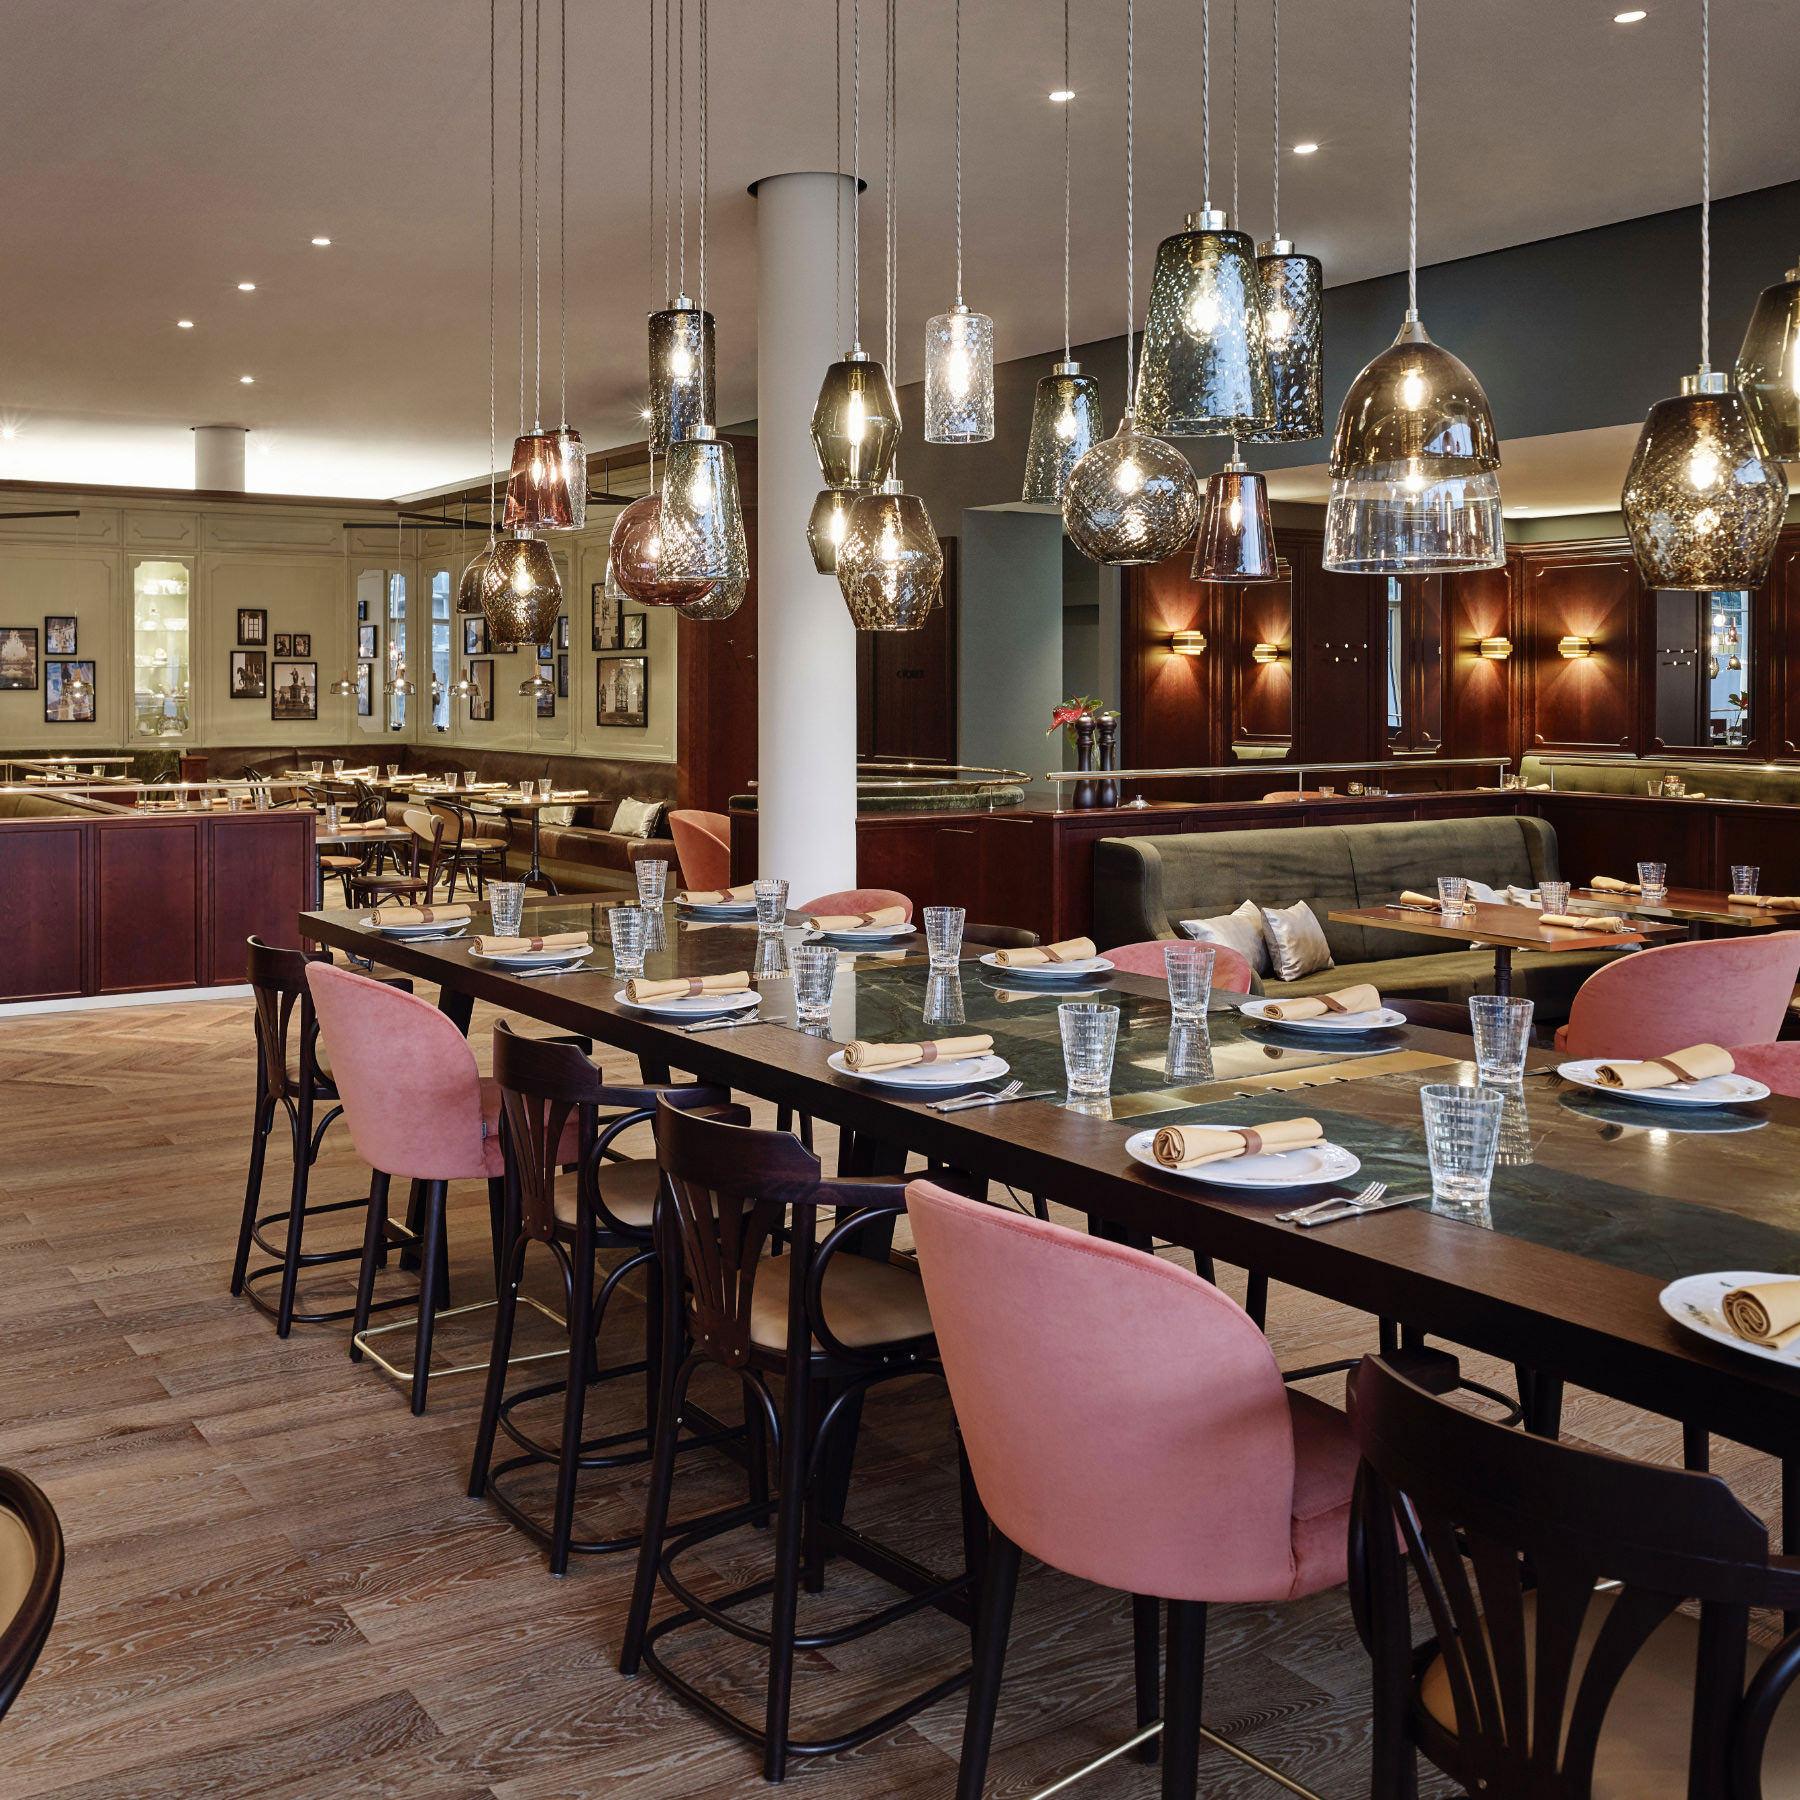 Restaurant Eugen21 mit Tischen und Designerlampen Ambiente